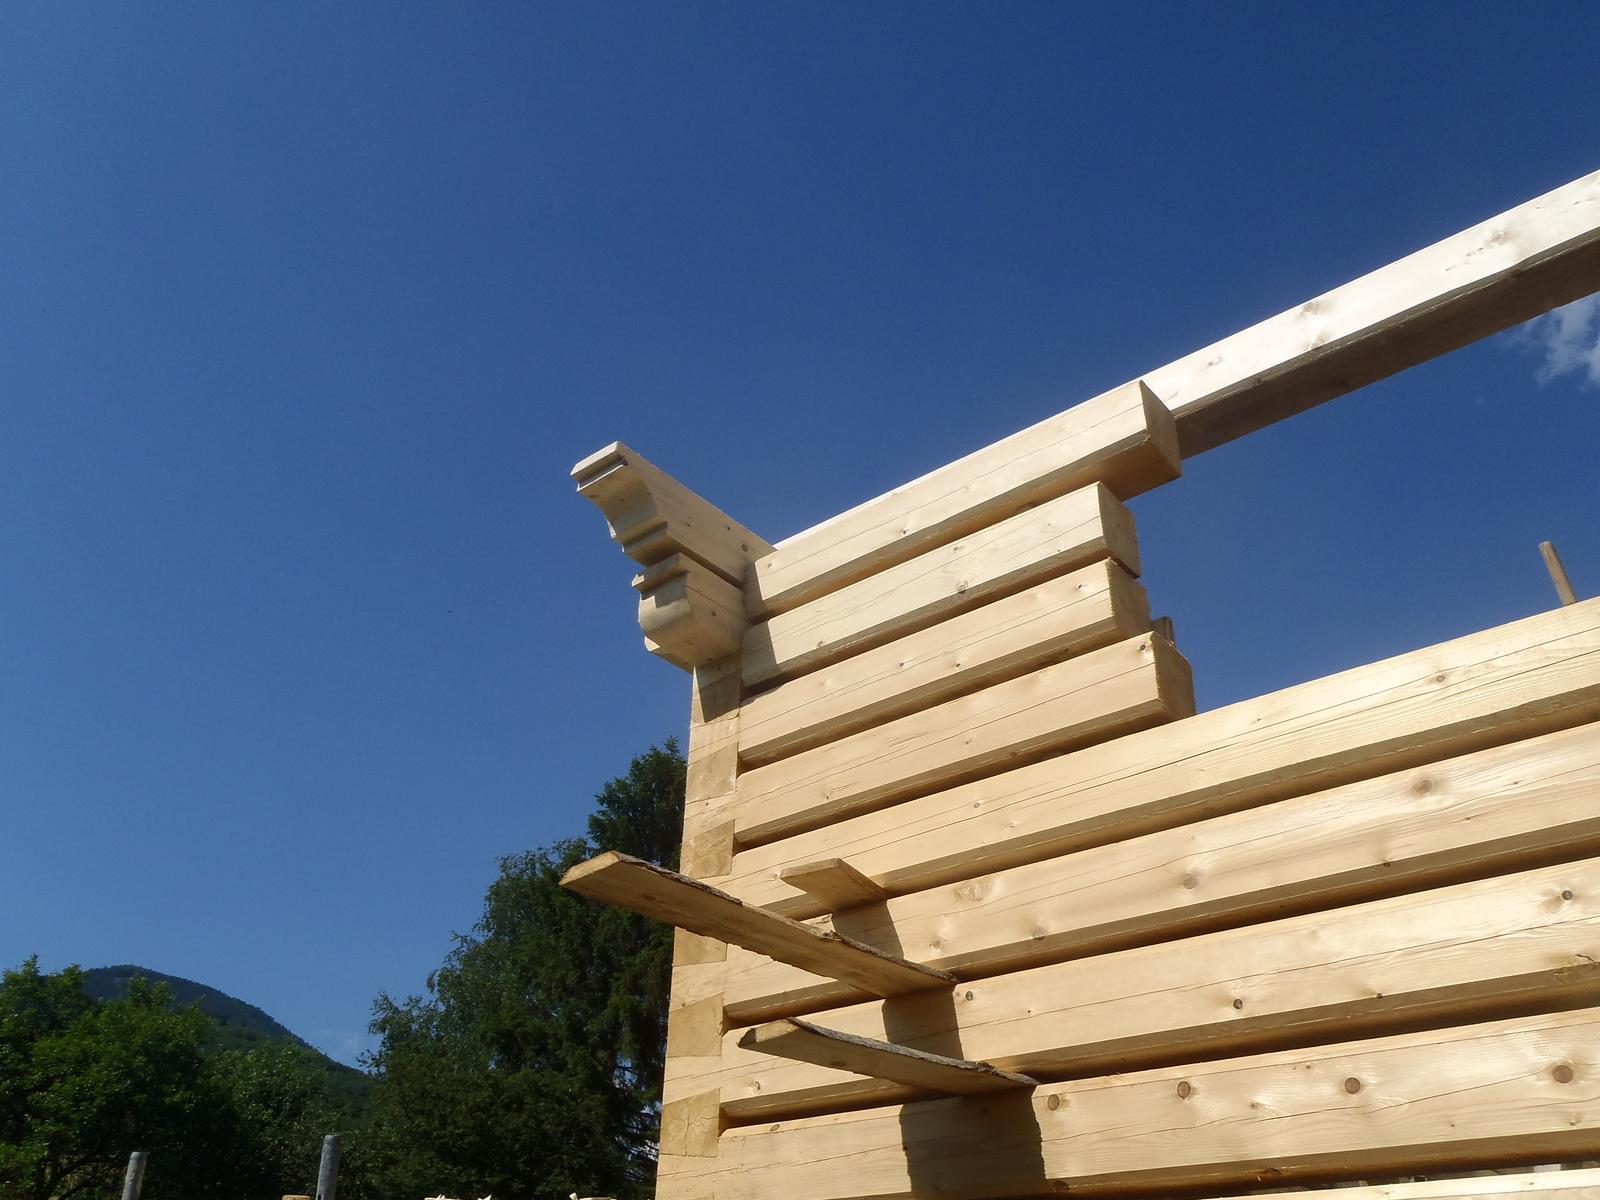 Náš veľký sen o drevenom domčeku! - Obrázok č. 86